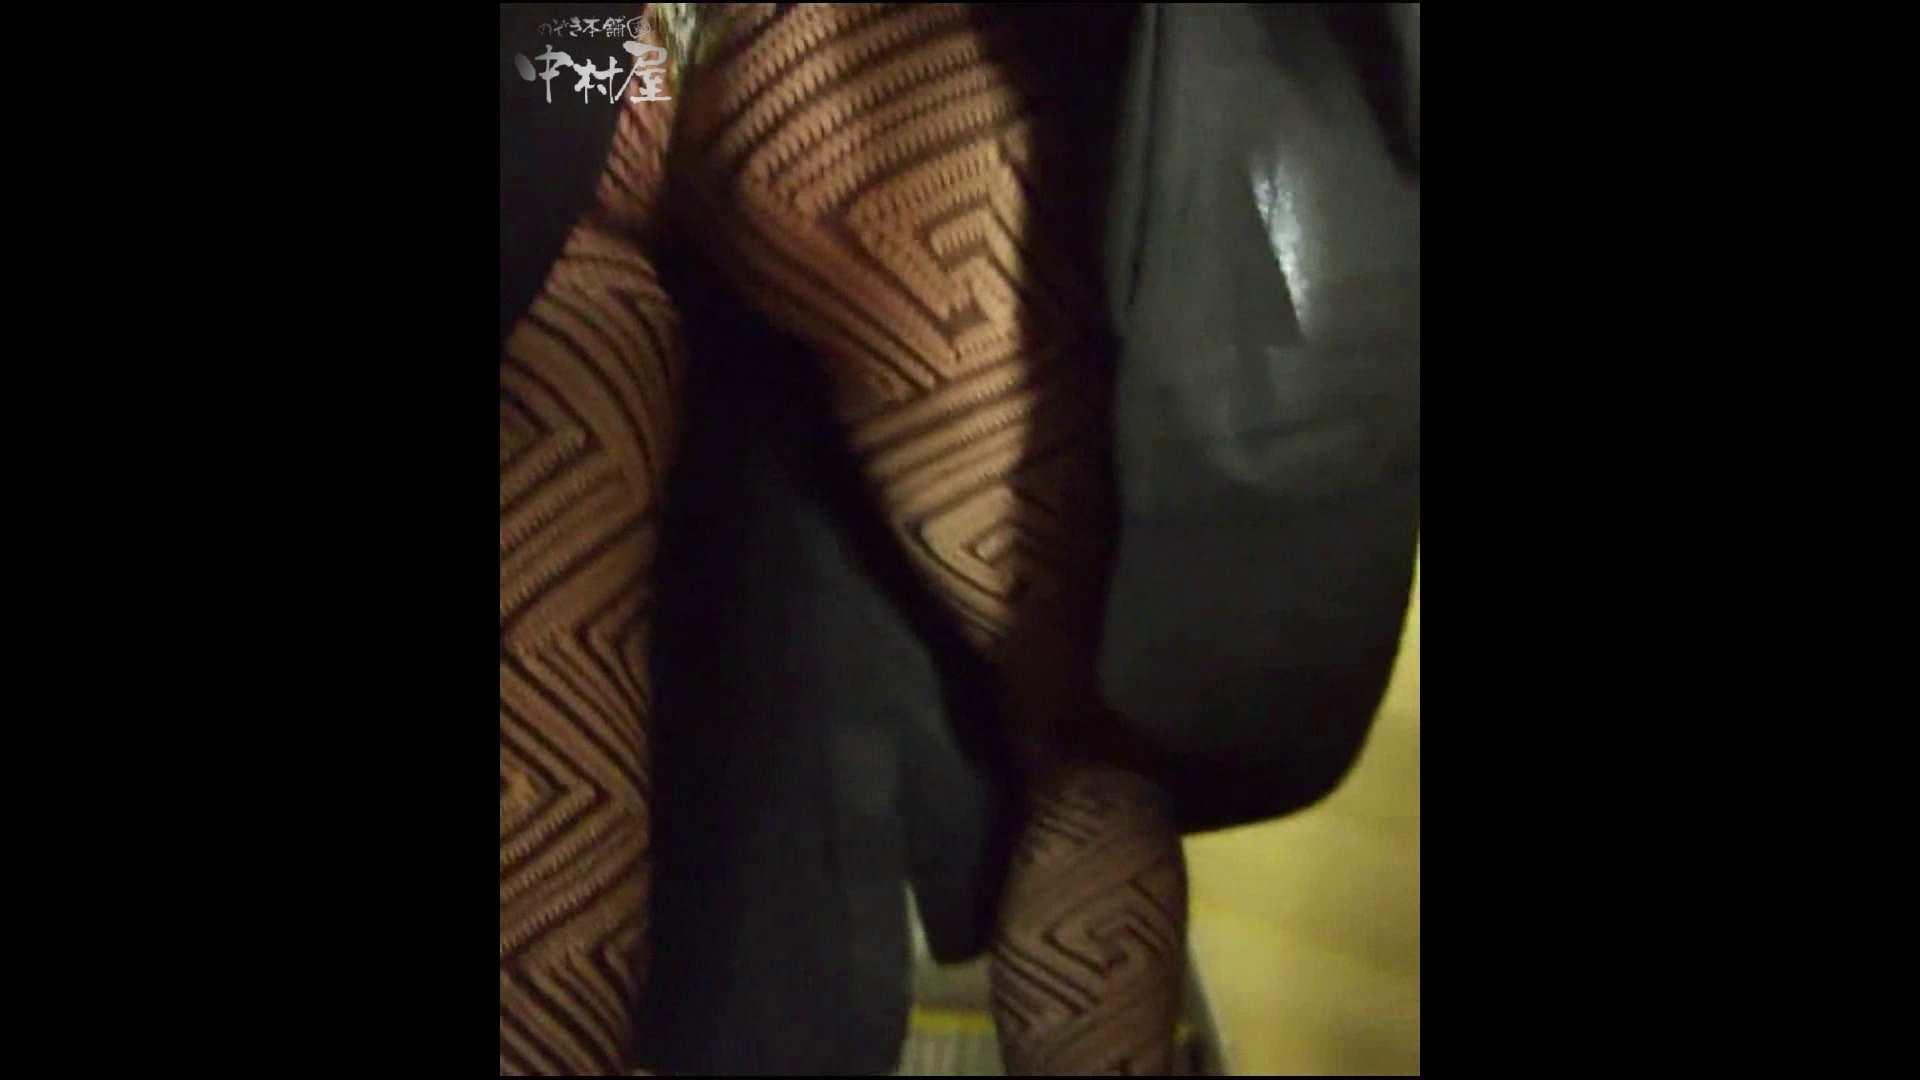 綺麗なモデルさんのスカート捲っちゃおう‼ vol12 モデルヌード   Hなお姉さん  93pic 9